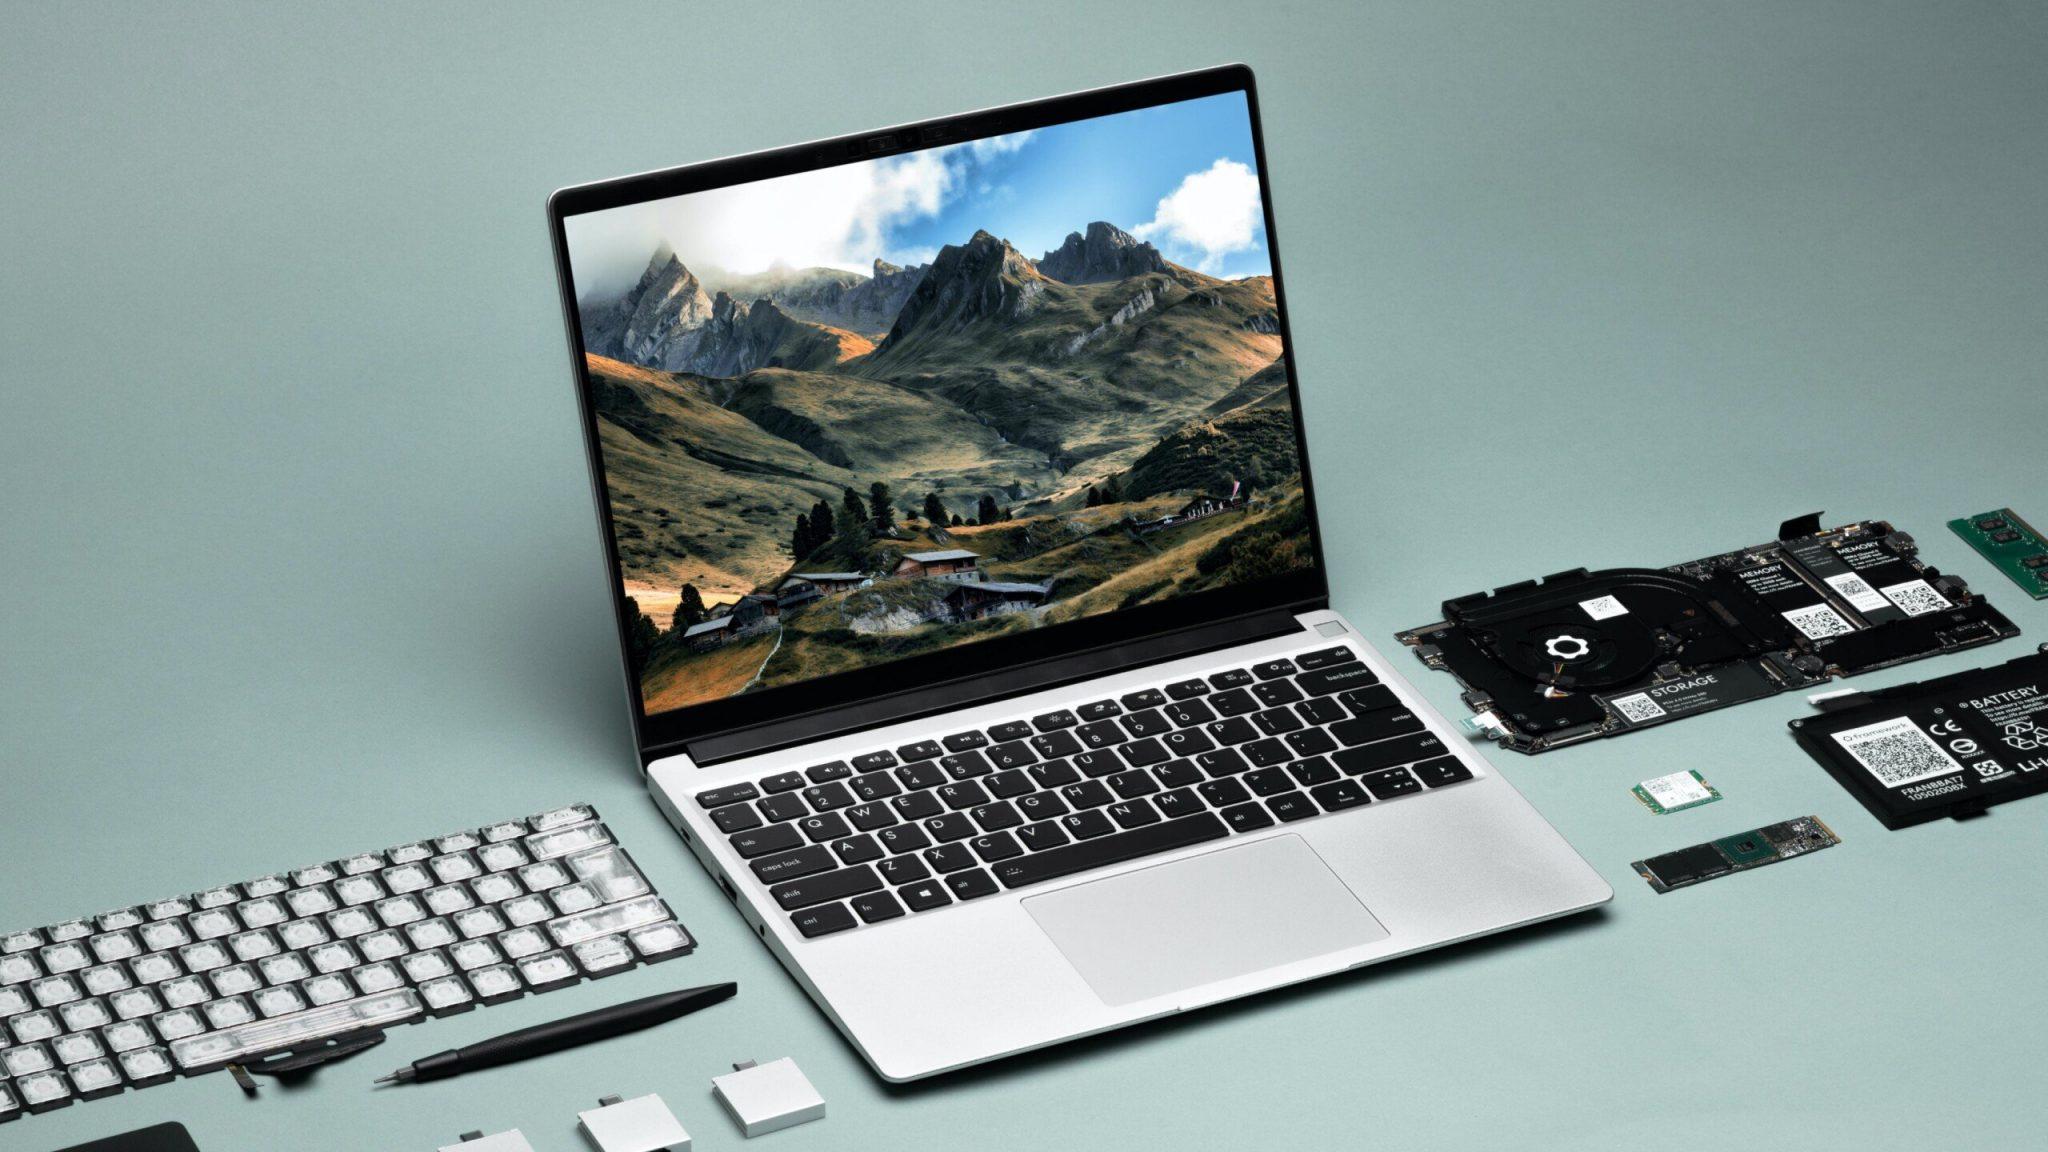 Framework annuncia un PC portatile riparabile e modulare come gli smartphone di Fairphone